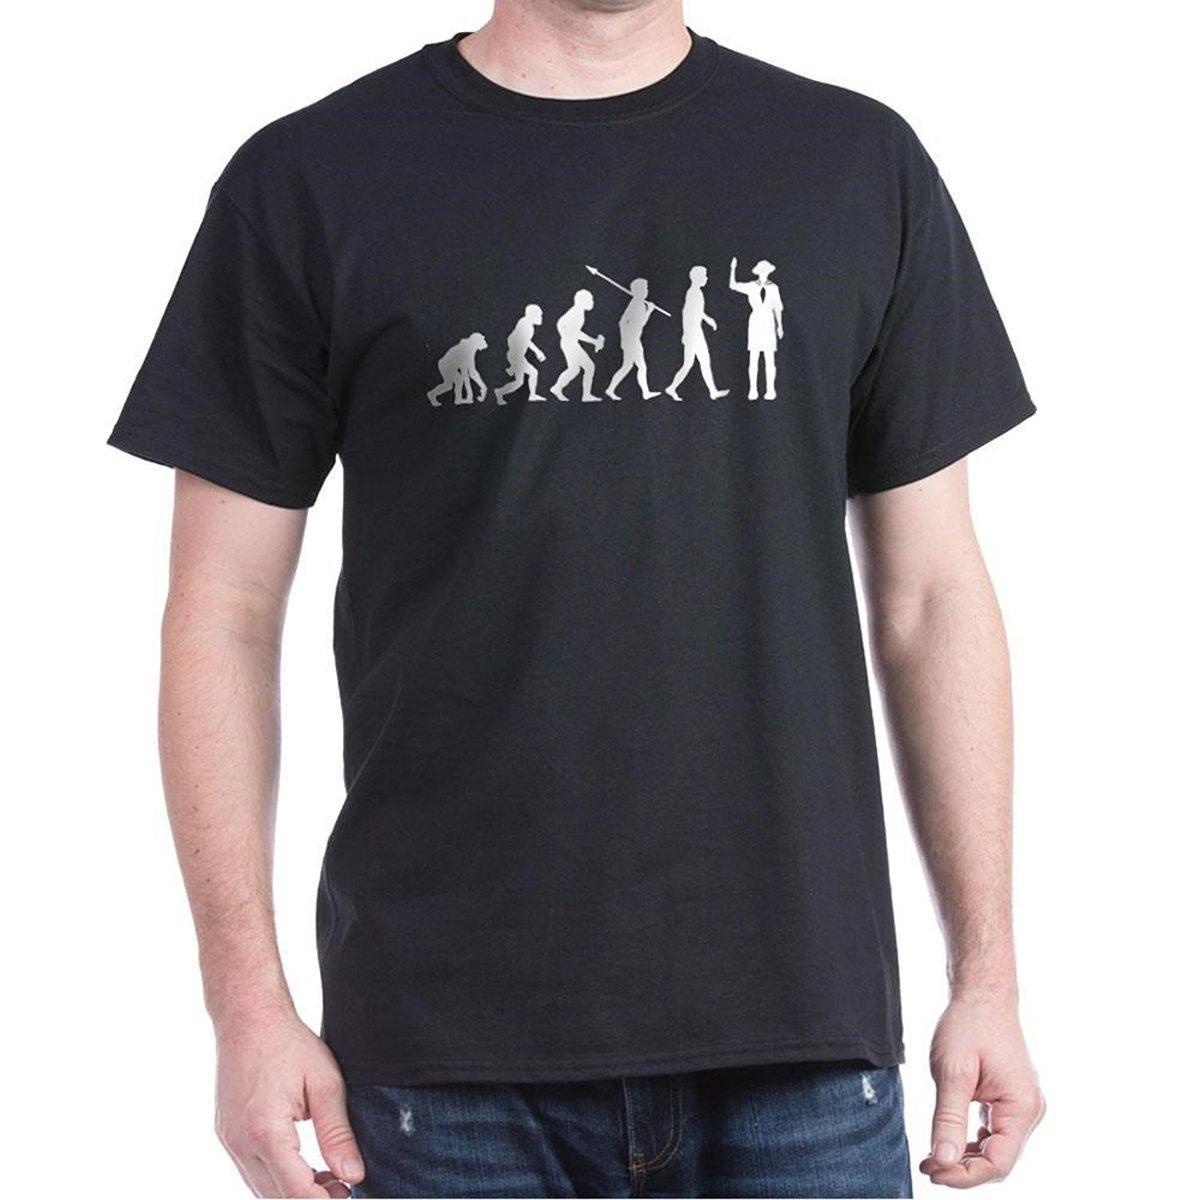 Boy scout tee shirt designs clipart clip art library library Boy Scout Tee Shirts - Nils Stucki Kieferorthopäde clip art library library